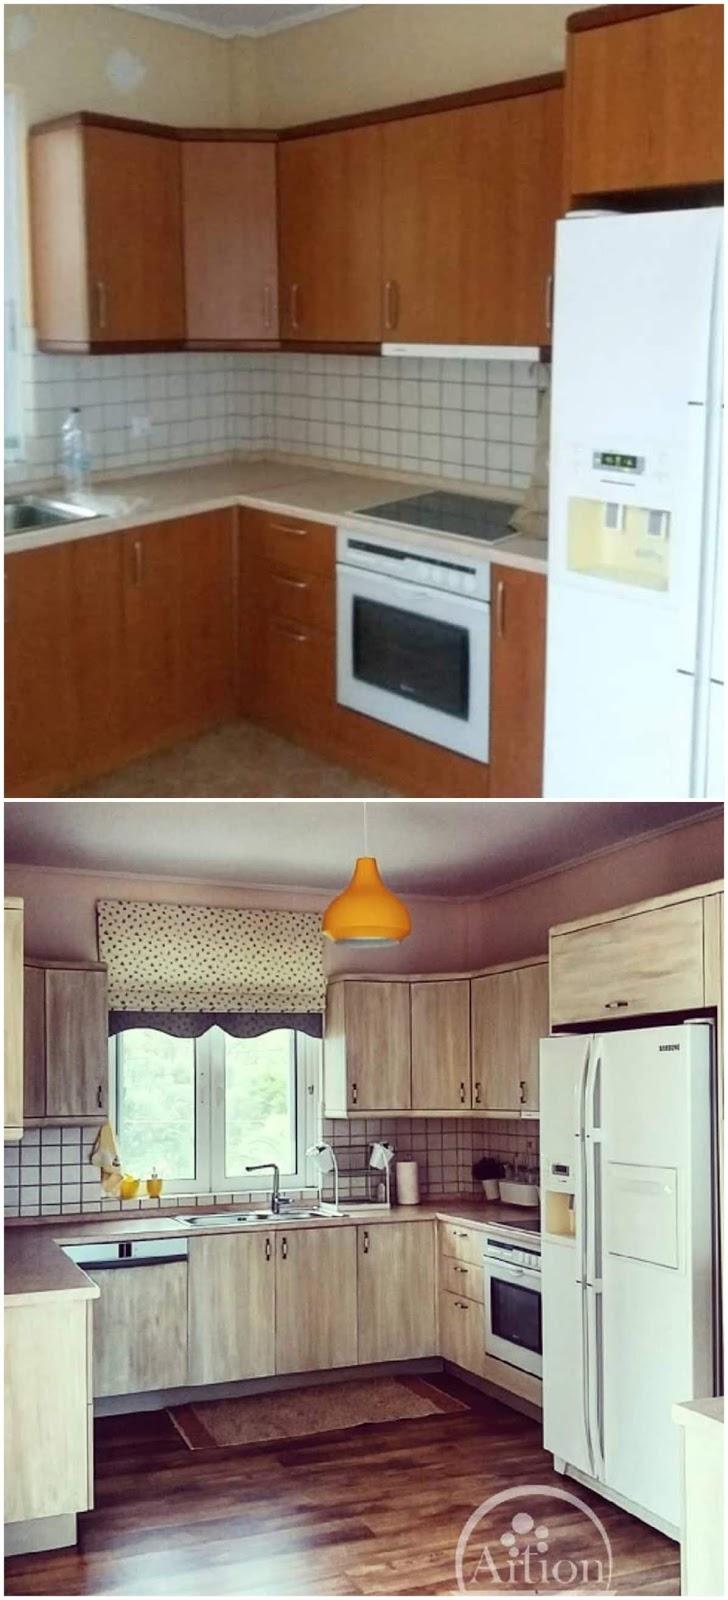 Αφιέρωμα: Κουζίνα! Έλα στην κουζίνα, βάζω καφέ! 8 Annie Sloan Greece